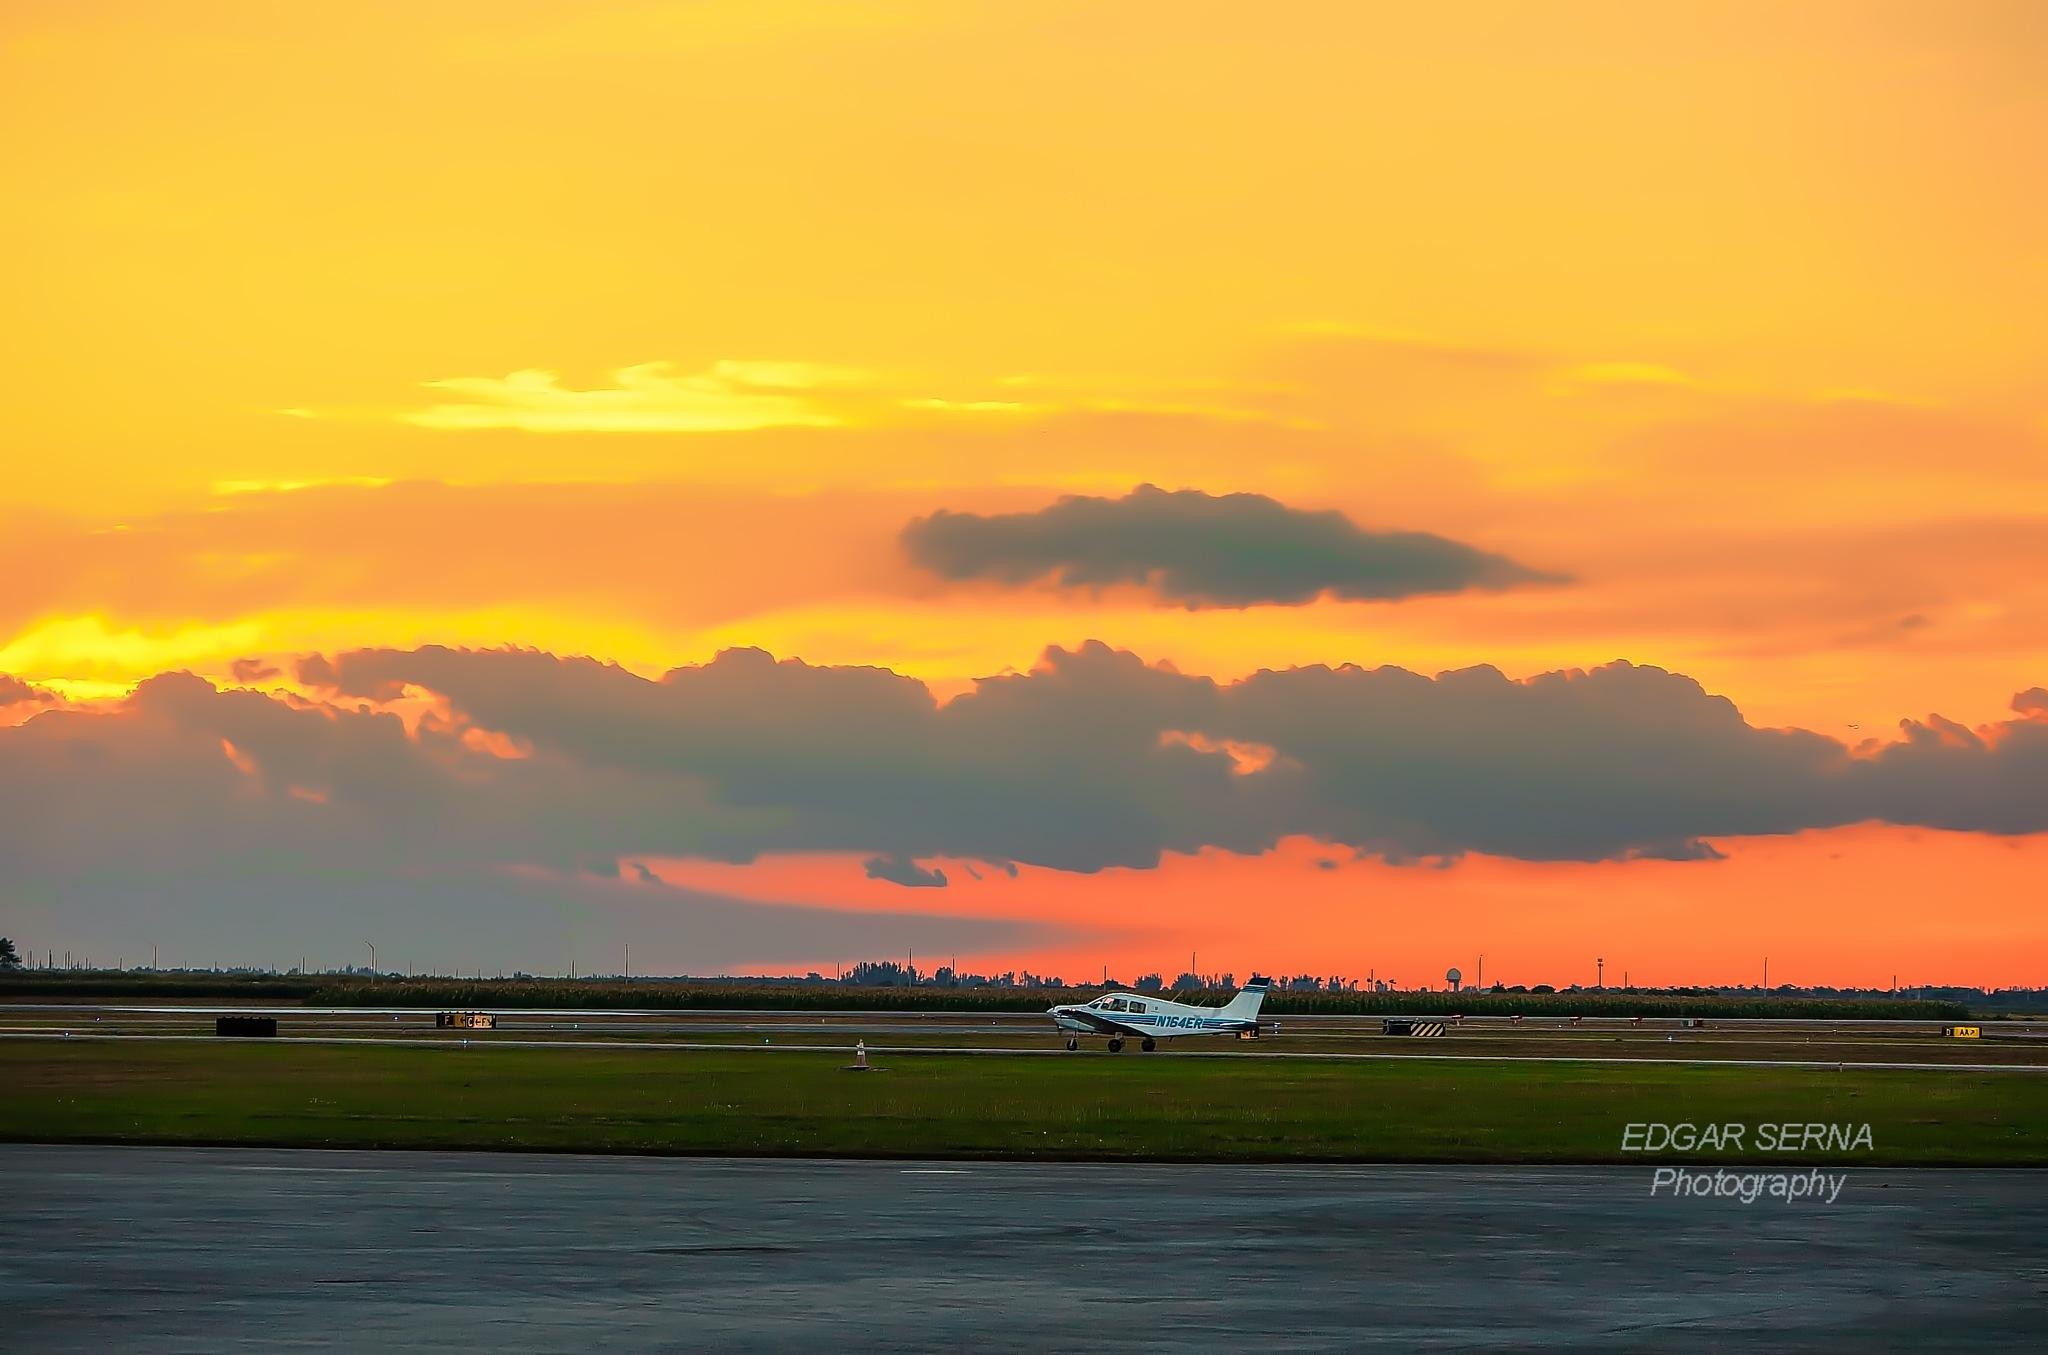 Landing almost at night by Edgar Serna